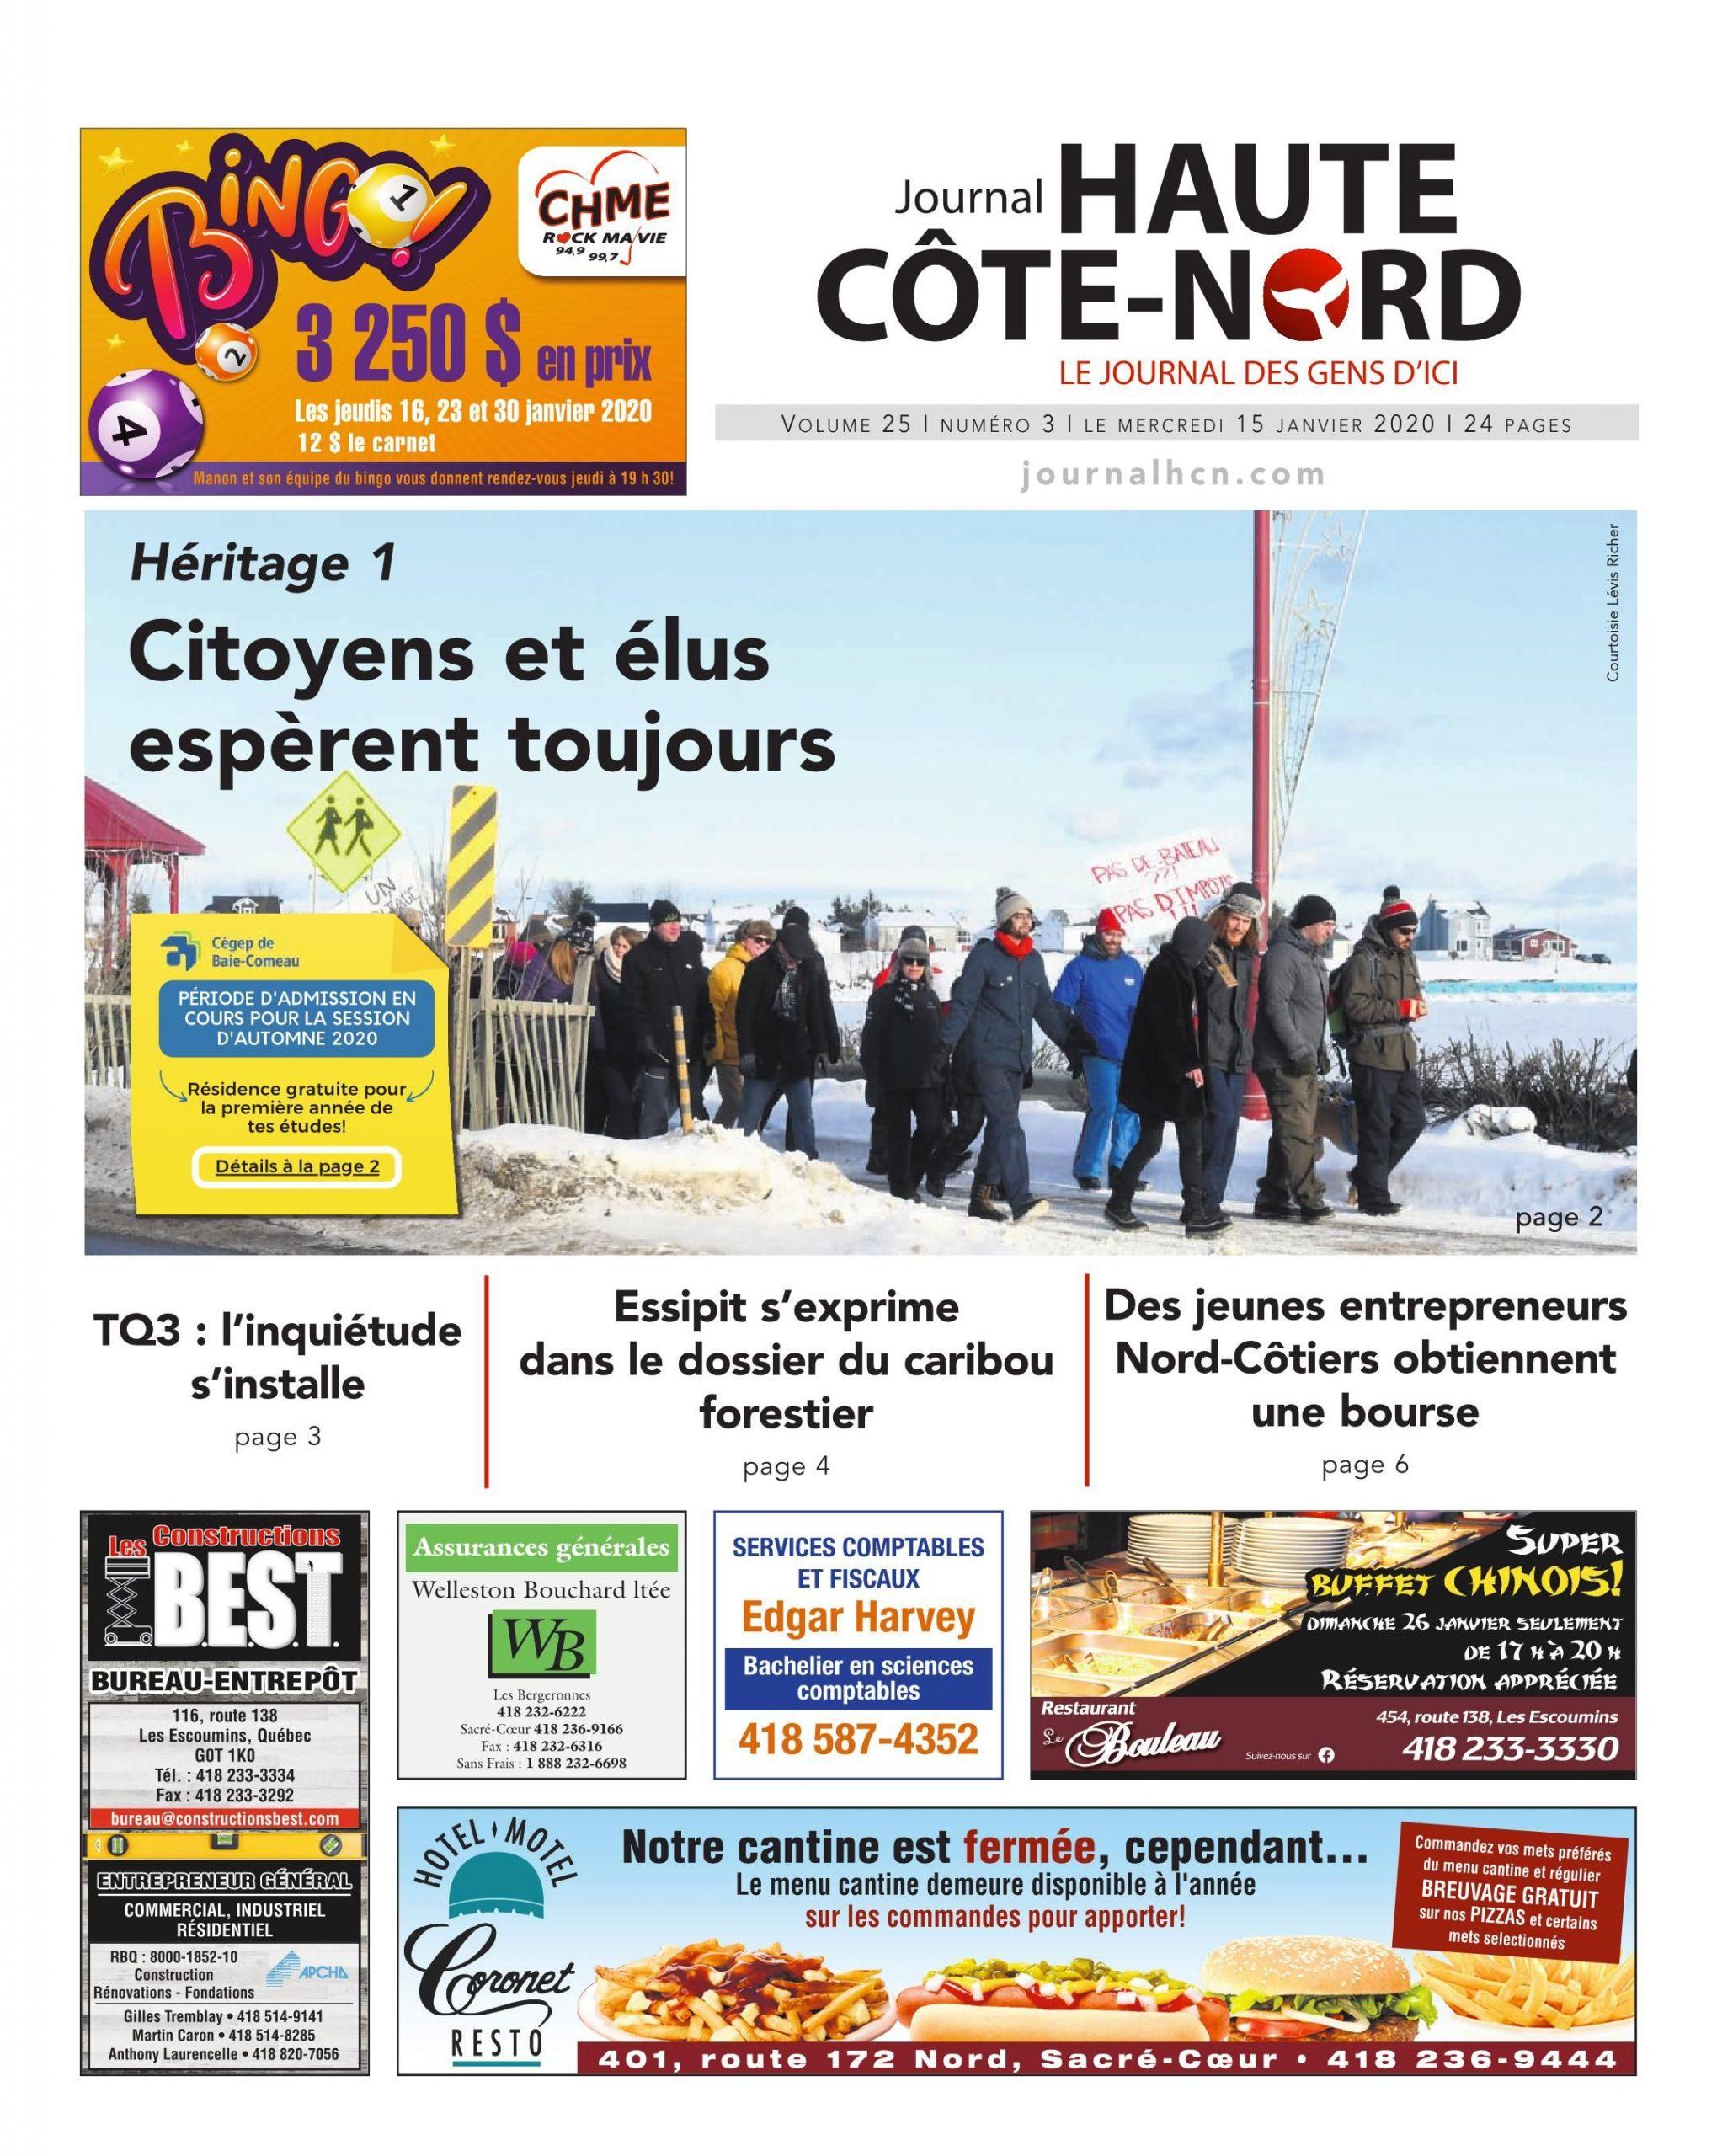 Le Haute-Côte-Nord 15 Janvier 2020 Pages 1 - 24 - Text avec Sudoku Gratuit Enfant